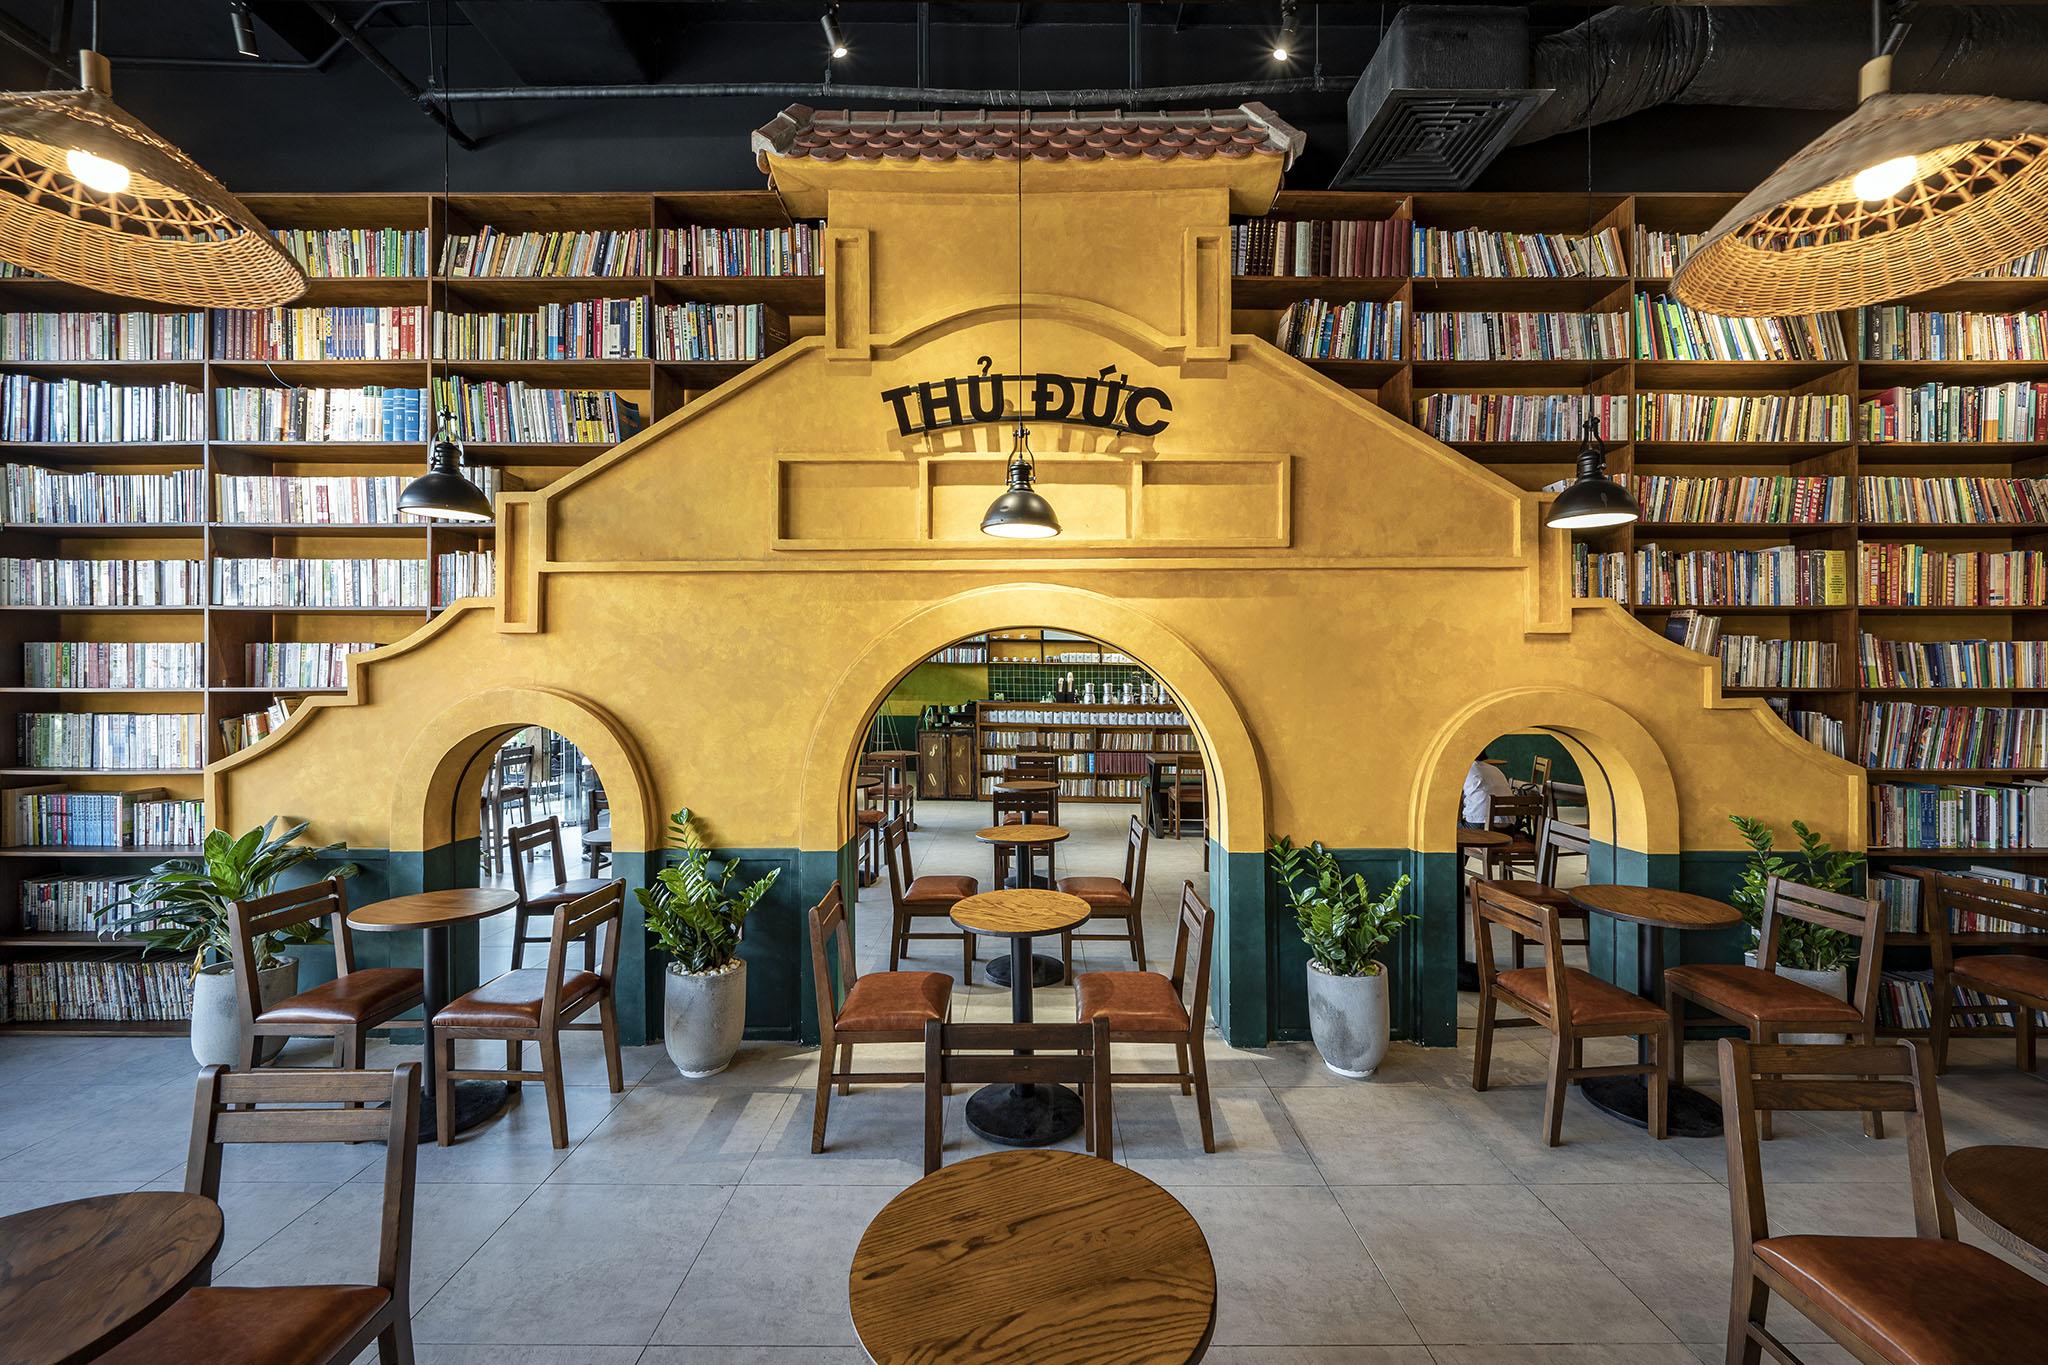 Thiết kế quán Buôn Cà phê tại Thủ Đức- Một thoáng Bến Thành giữa lòng Thủ Đức